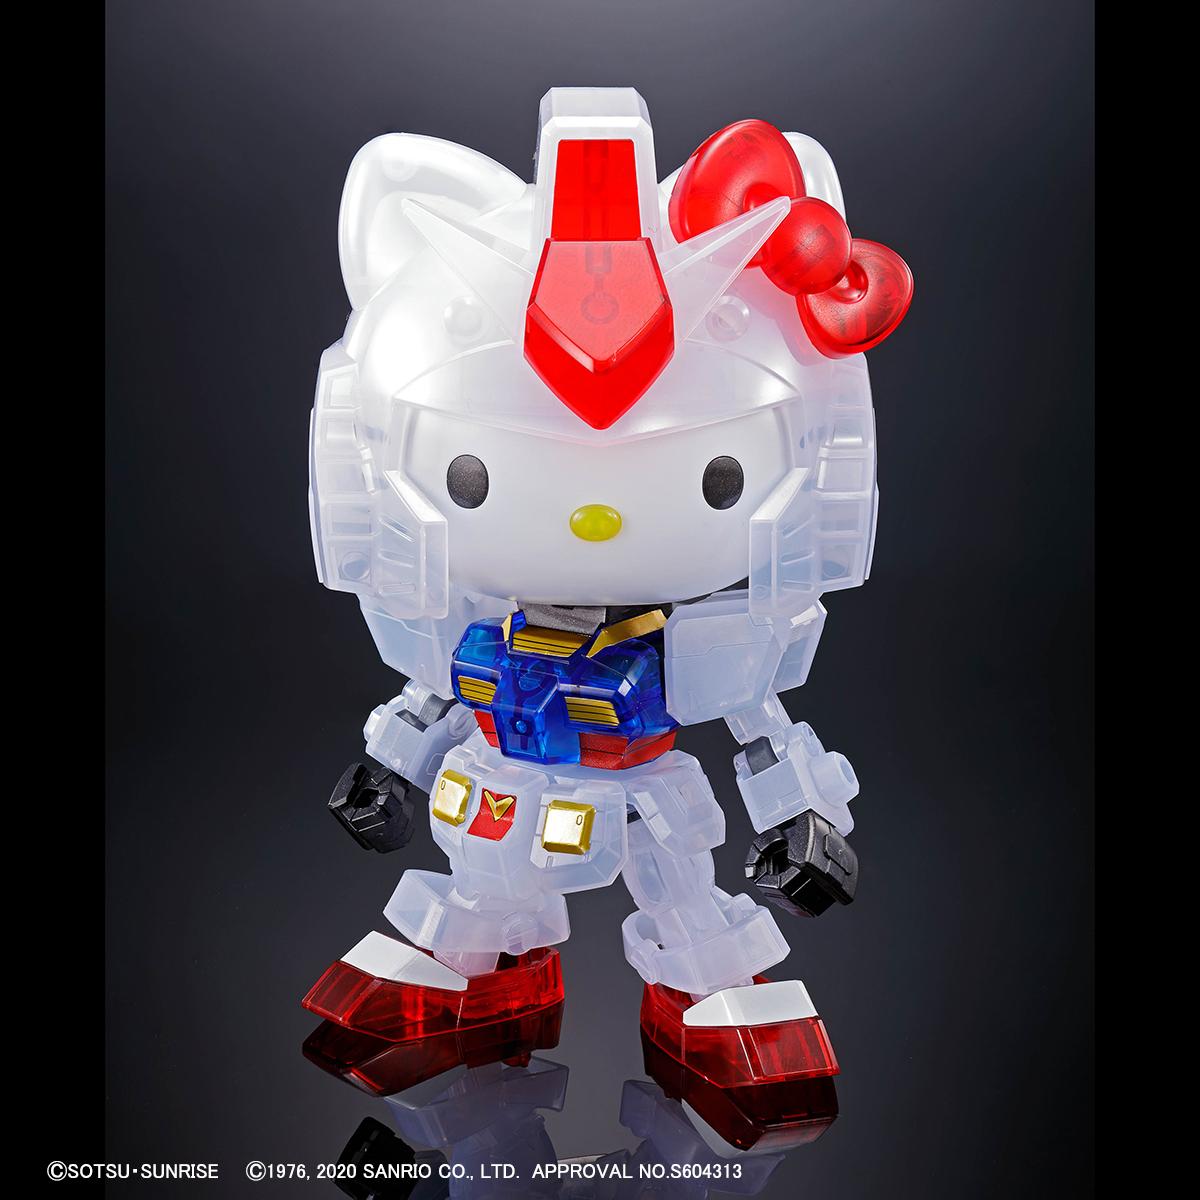 ハローキティ/RX-78-2 ガンダム[SD EX-STANDARD][クリアカラー] 商品画像